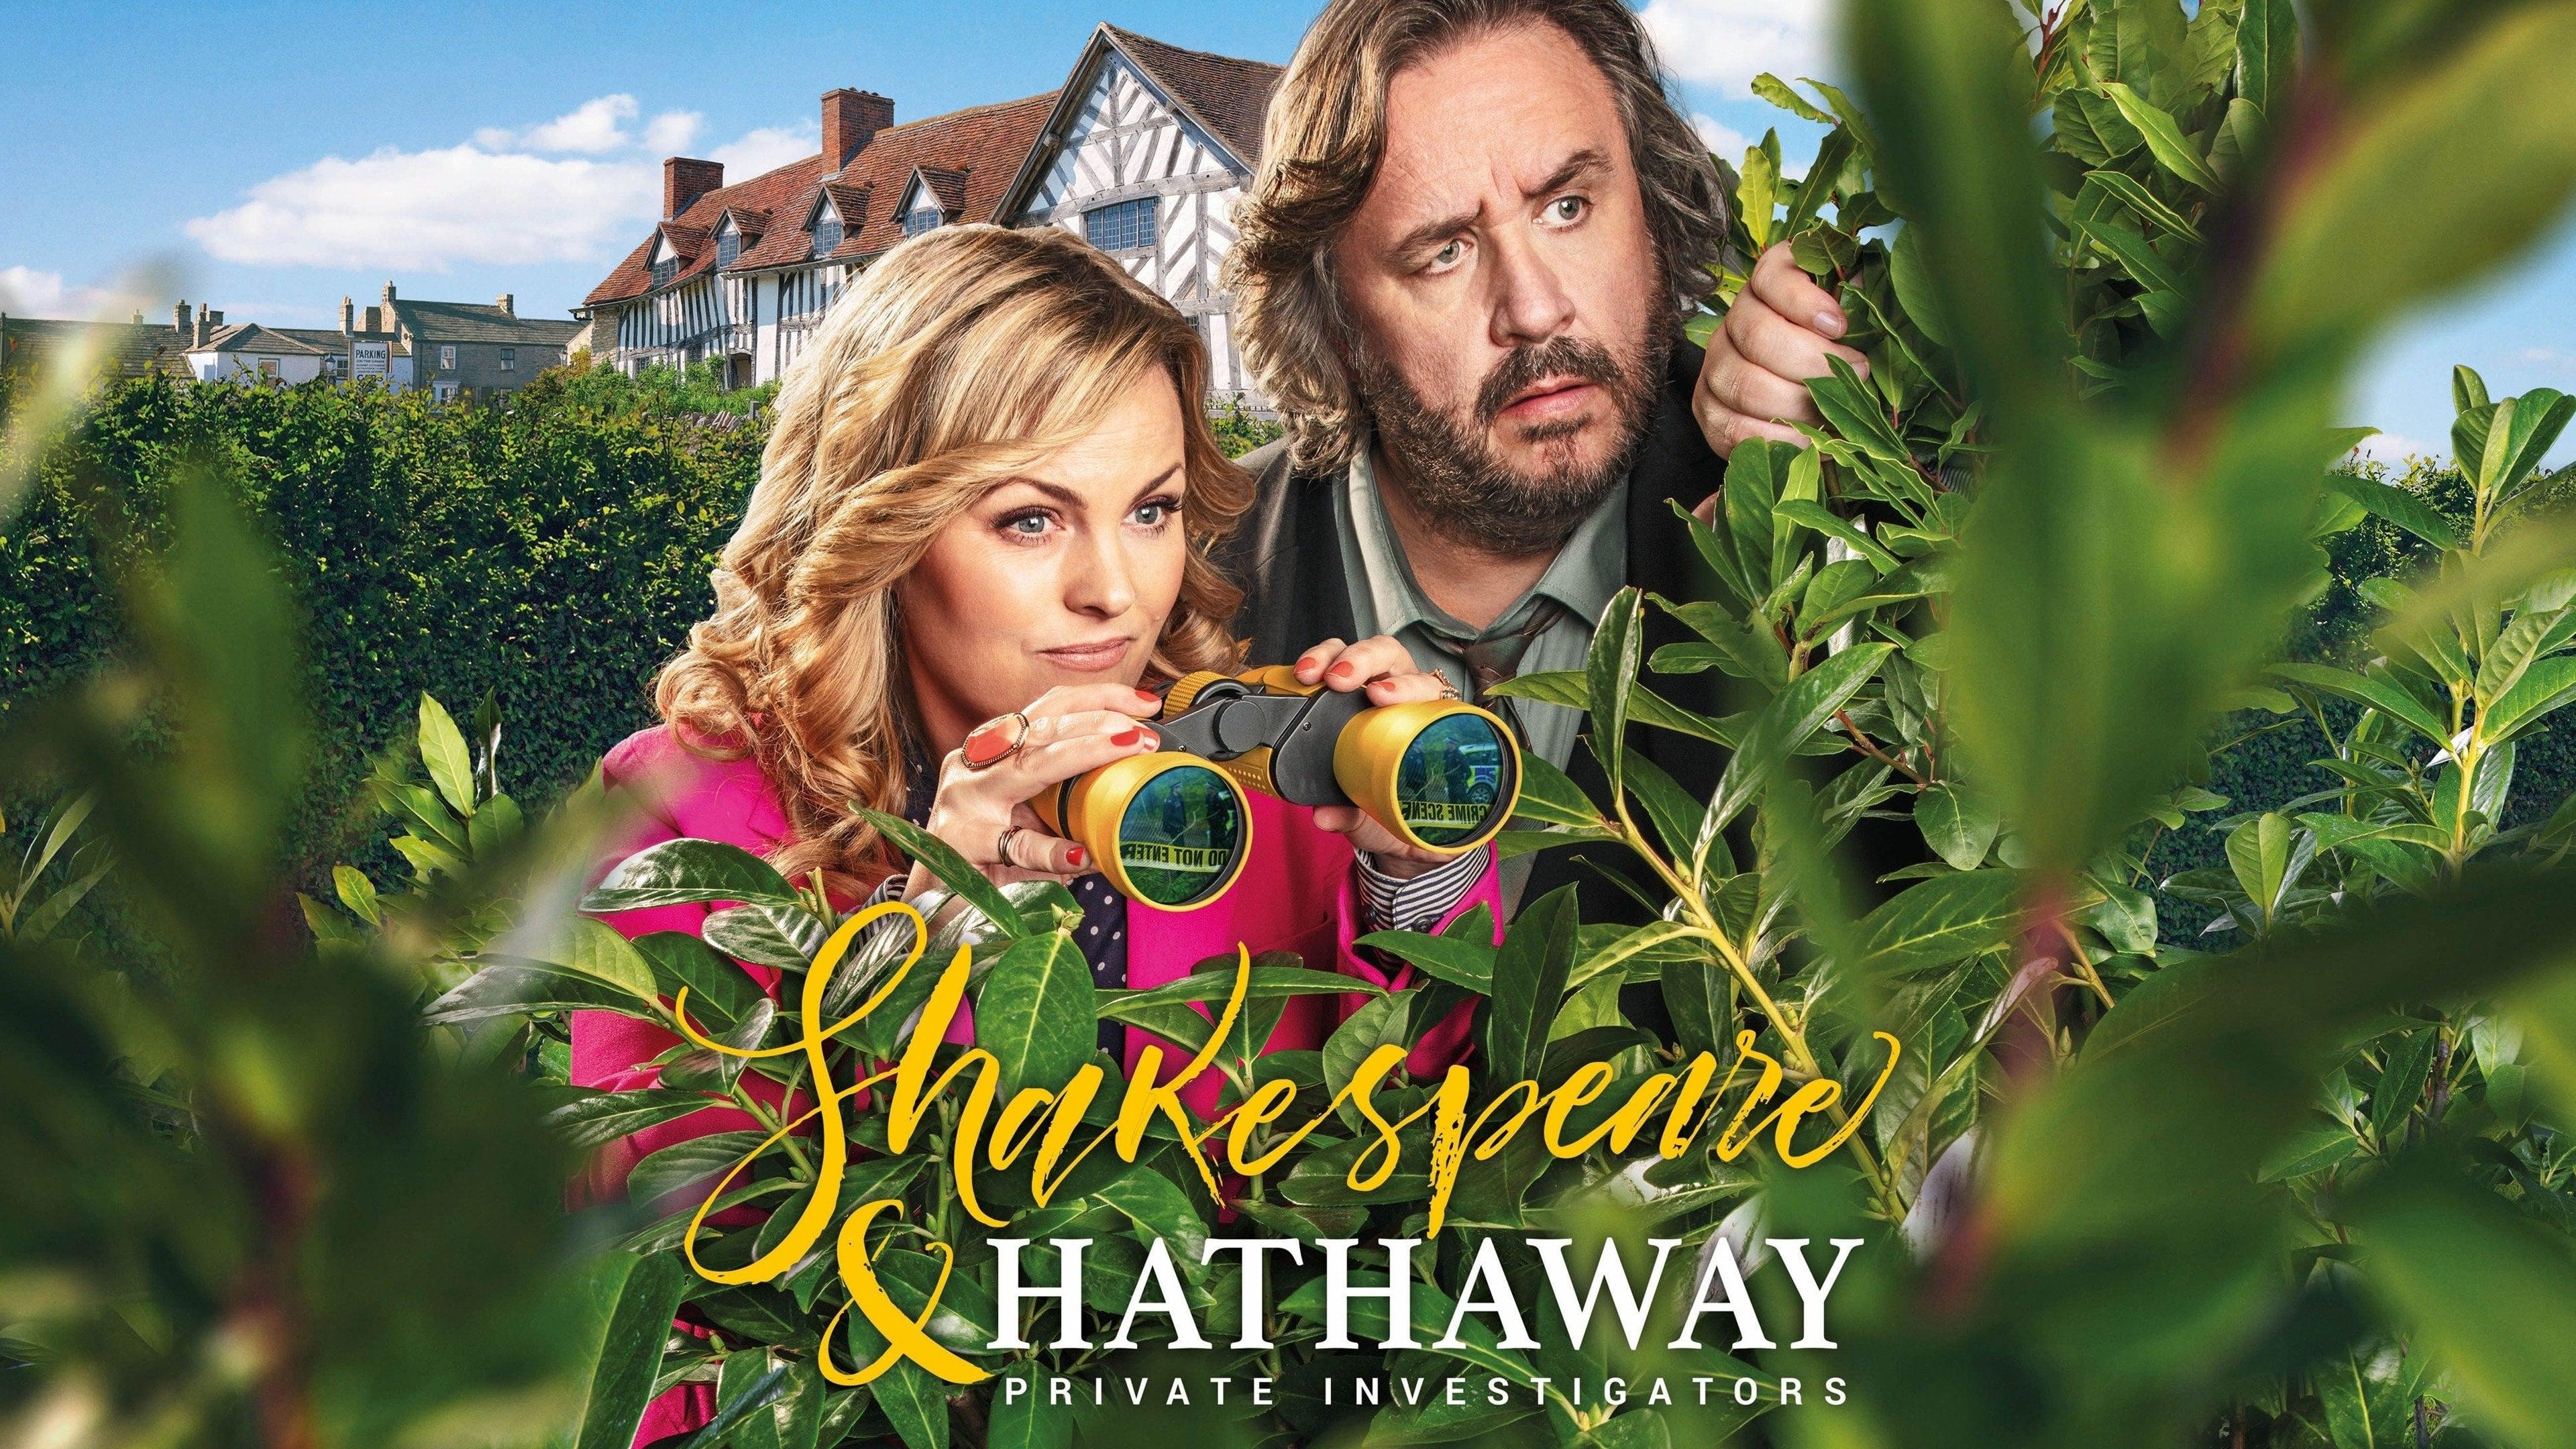 Maak kans op het derde seizoen van Shakespeare & Hathaway: Private Investigators